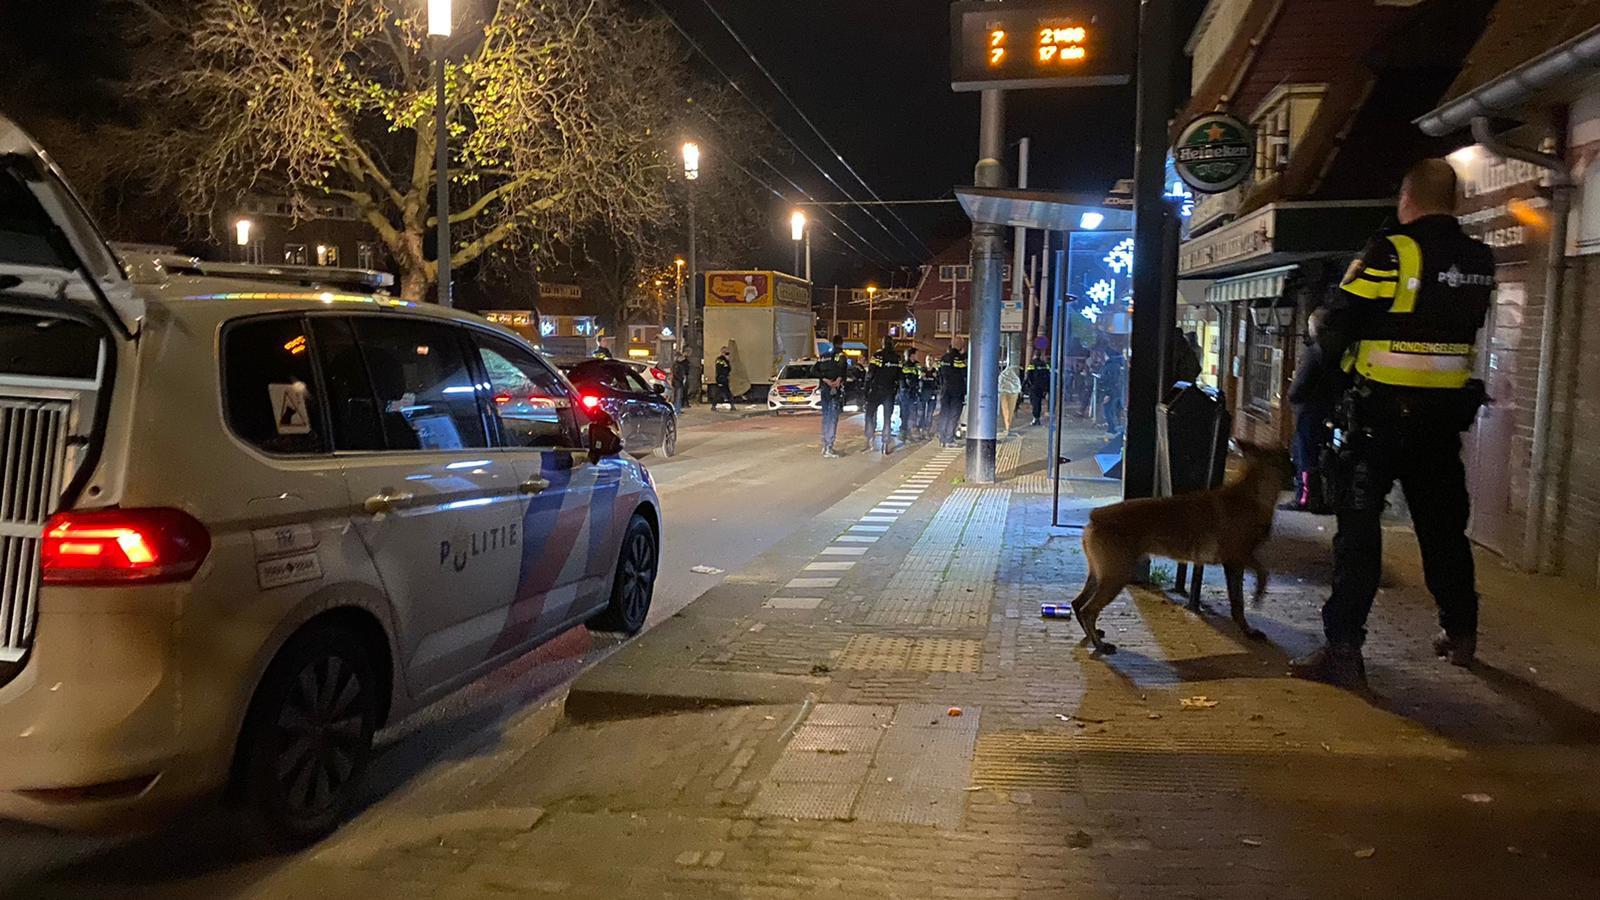 De Arnhemse politie heeft de handen vol aan de onrust in de wijk Geitenkamp, waar avond aan avond sprake is van vuurwerkoverlast.